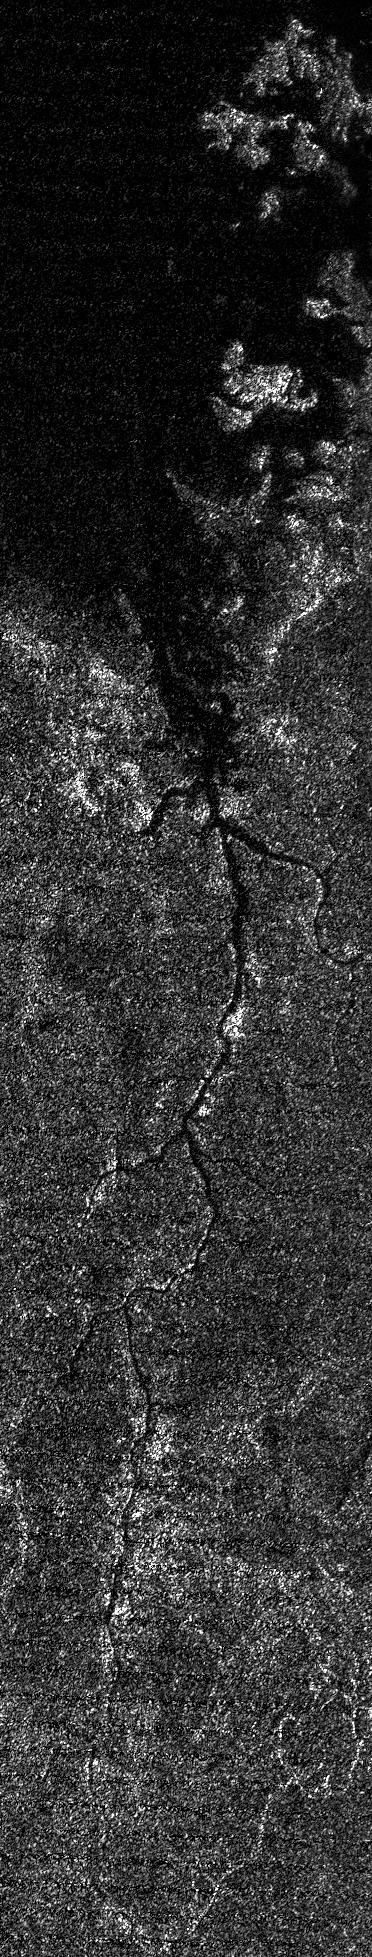 PIA16197 Titan river